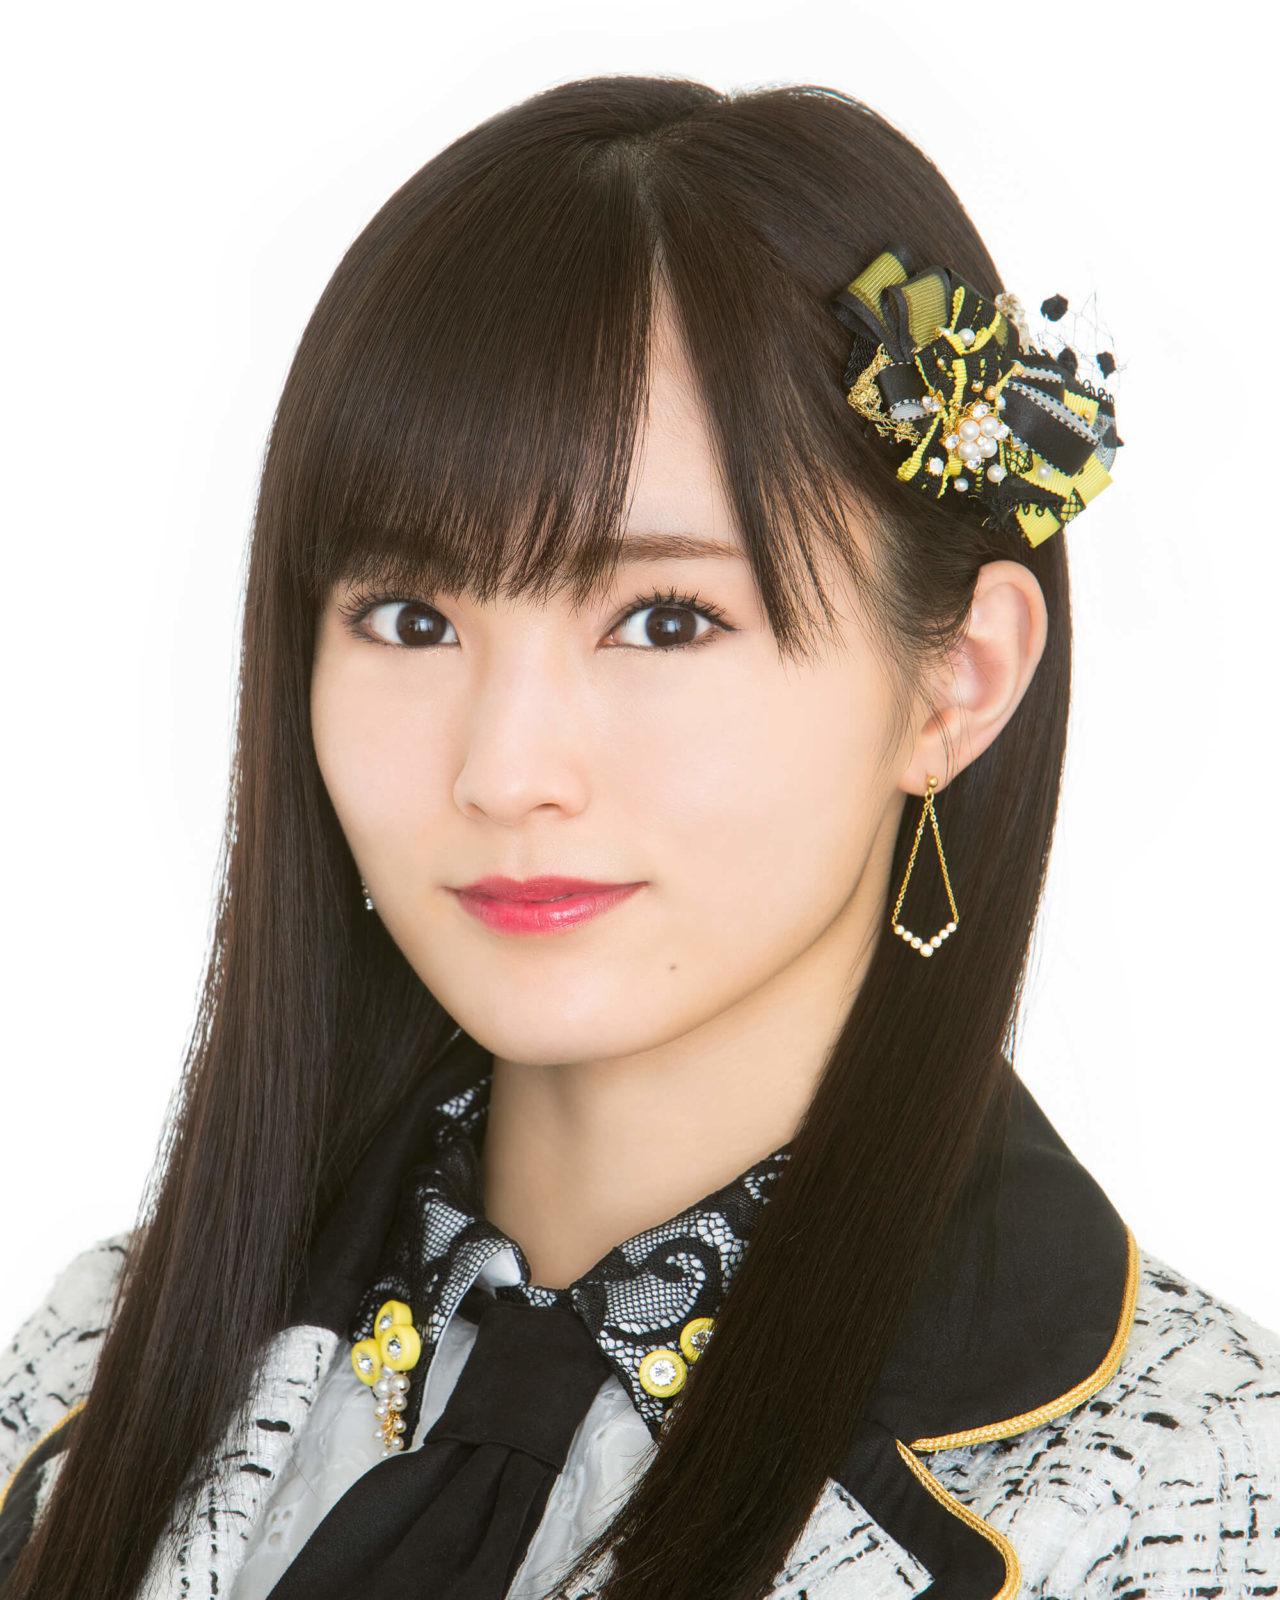 """NMB48・山本彩に起きた""""偶然""""に「泣ける」「奇跡すぎ」の声"""